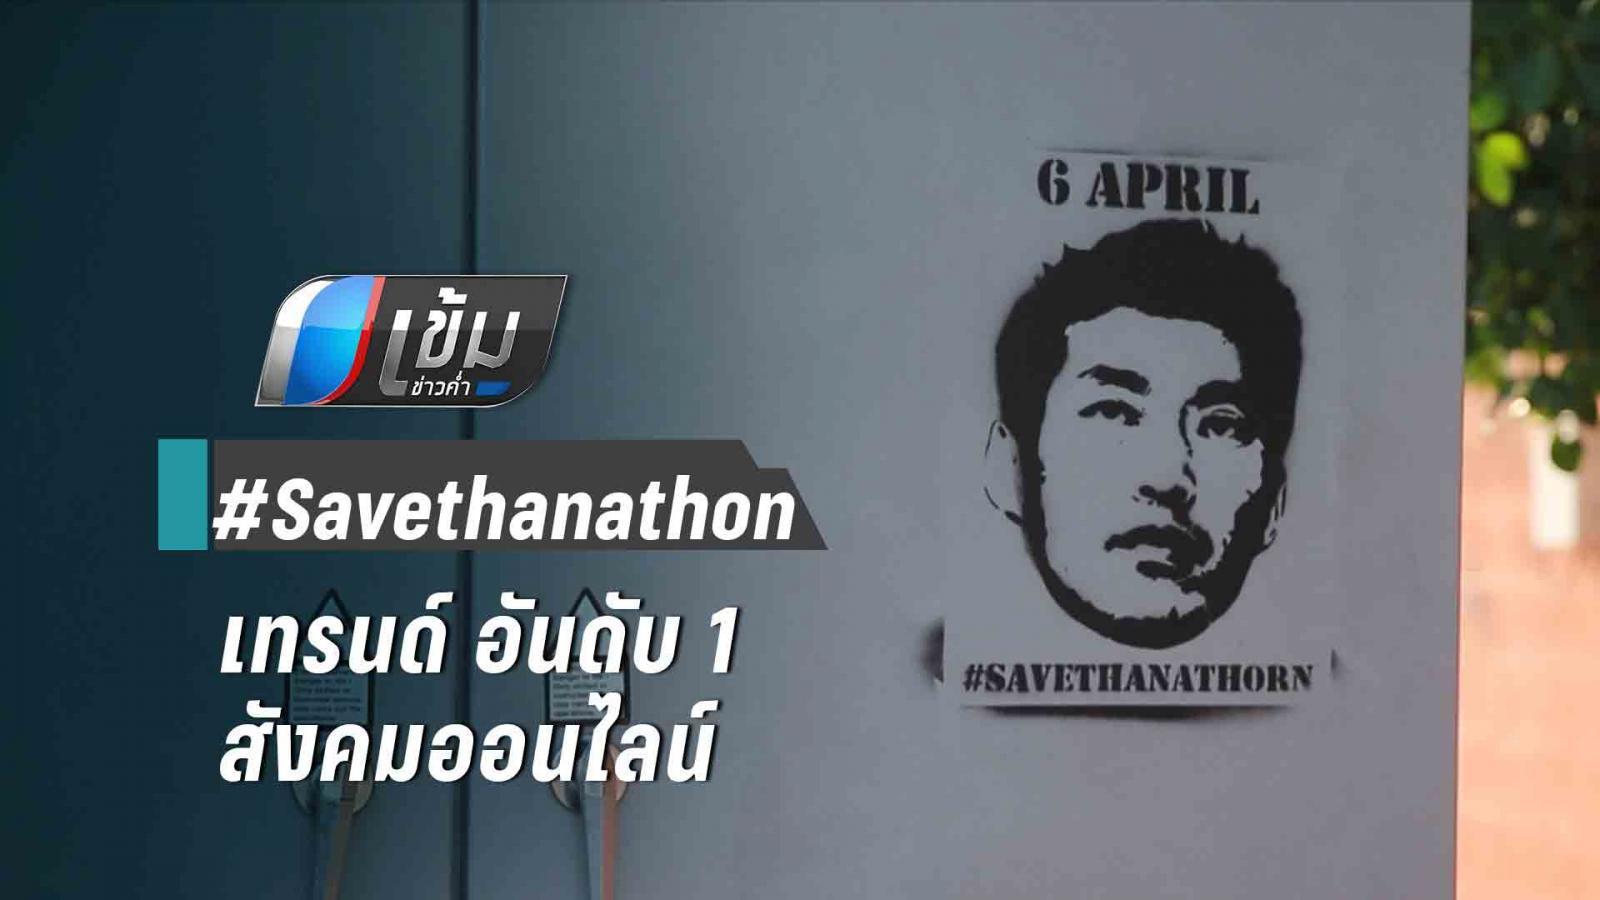 แห่ ติดแฮชแท็ก #Savethanathon พุ่งอันดับ 1 สังคมออนไลน์